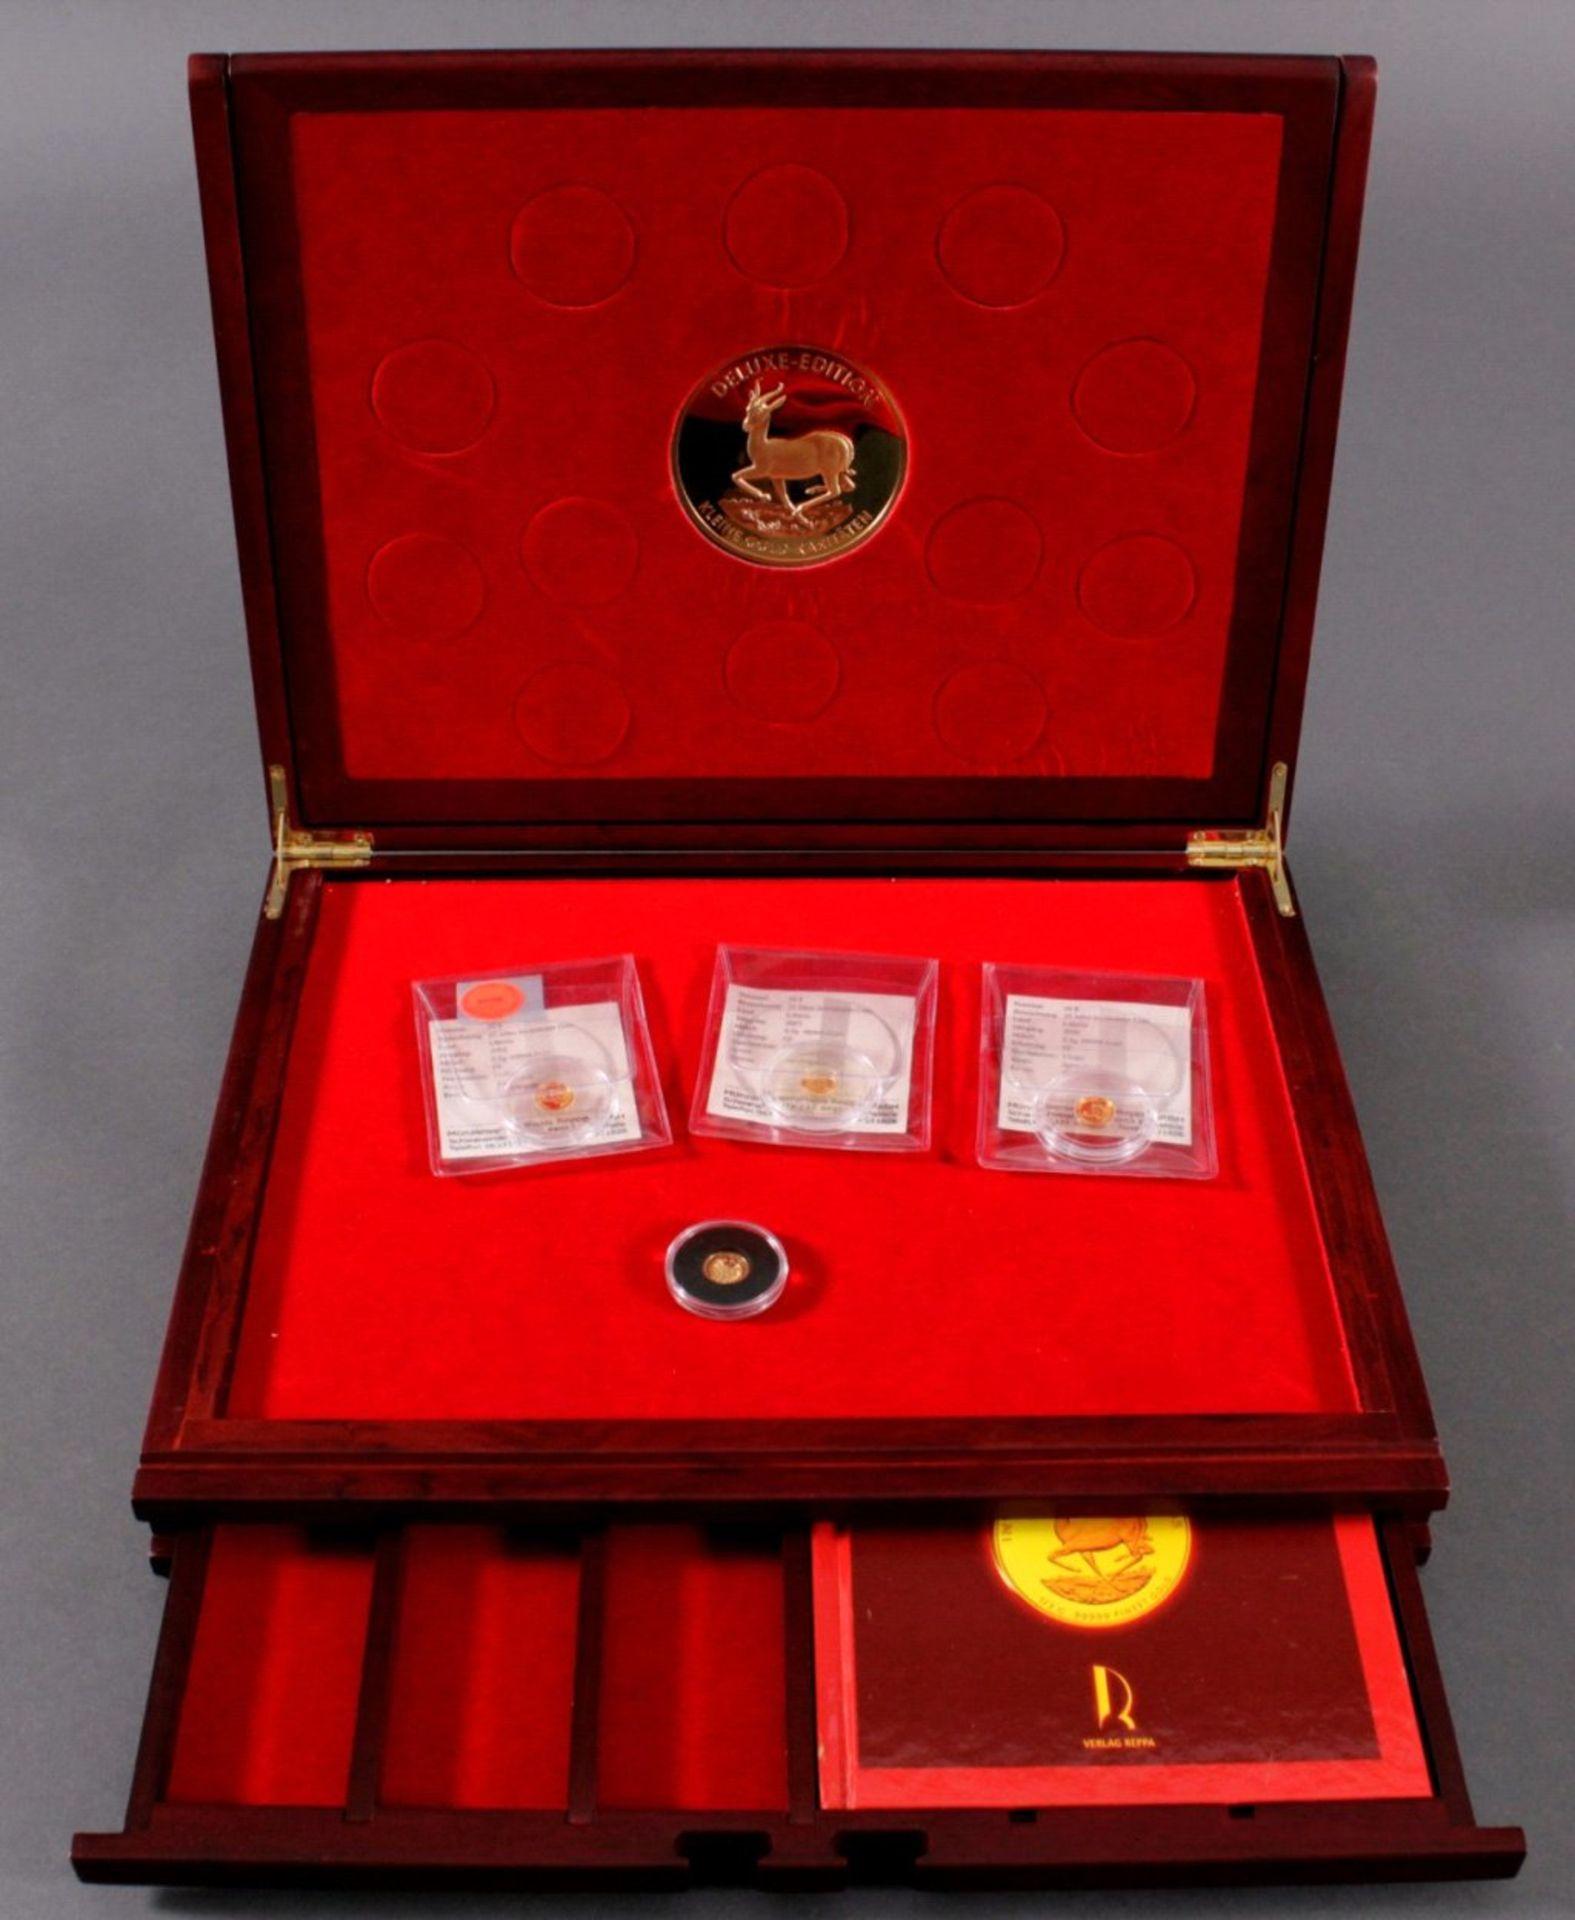 4x Die kleinen GoldraritätenInsgesamt 2 g Feingold, 3x 25 Jahre Investment Coin mitZertifikat und